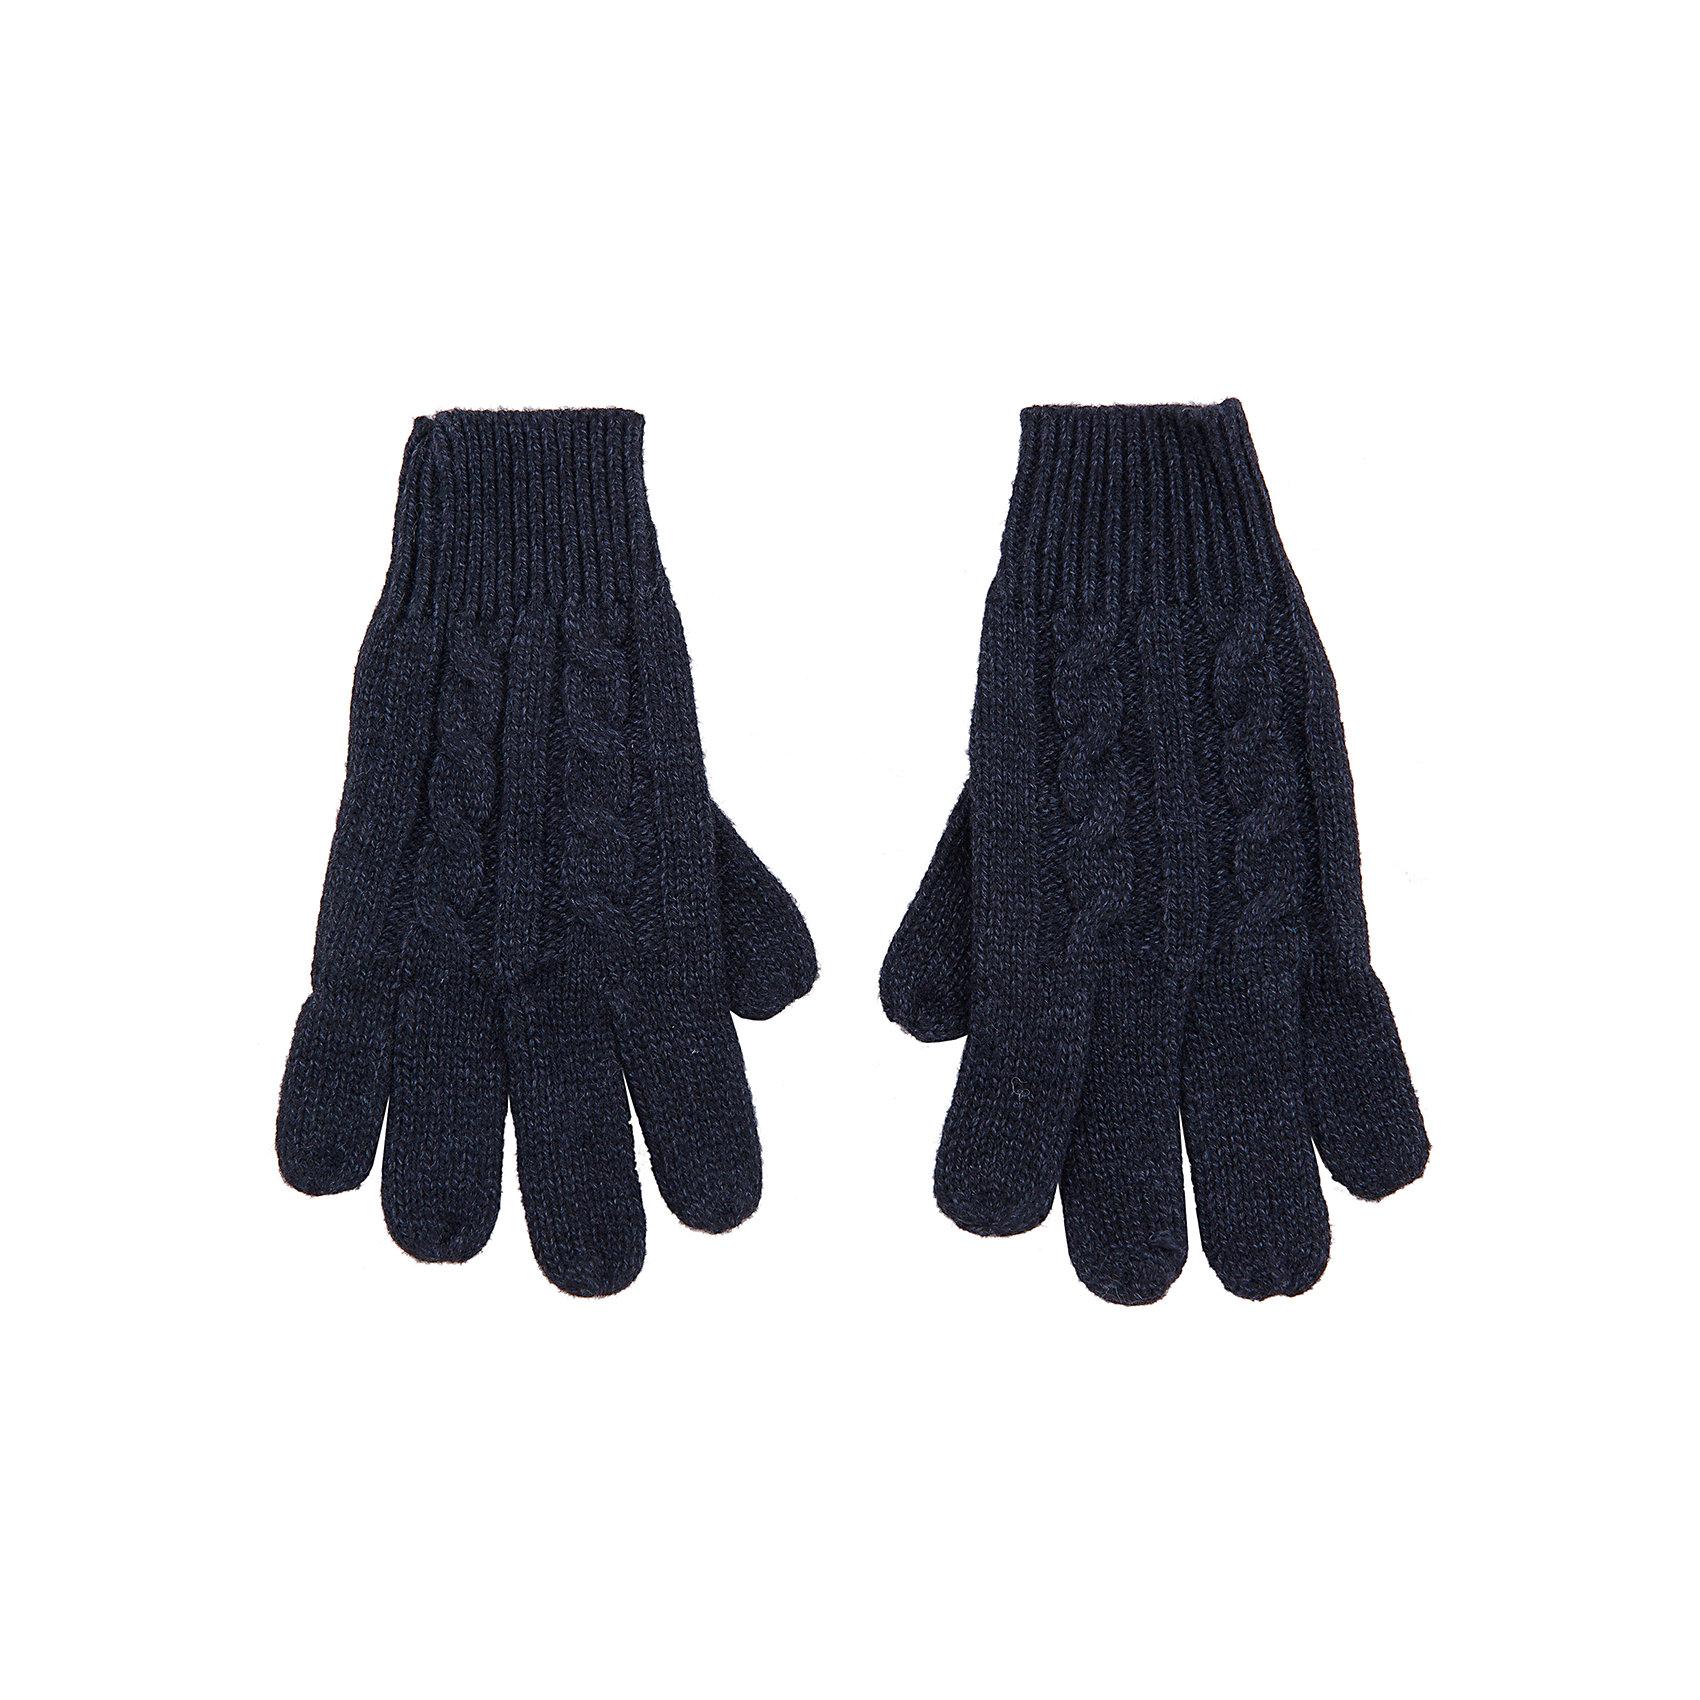 Перчатки для мальчика SELAУдобные теплые перчатки - незаменимая вещь в прохладное время года. Эта модель отлично сидит на ребенке, она сделана из плотного материала, позволяет гулять с комфортом на свежем воздухе зимой. Качественная пряжа не вызывает аллергии и обеспечивает ребенку комфорт. Модель будет уместна в различных сочетаниях.<br>Одежда от бренда Sela (Села) - это качество по приемлемым ценам. Многие российские родители уже оценили преимущества продукции этой компании и всё чаще приобретают одежду и аксессуары Sela.<br><br>Дополнительная информация:<br><br>мягкая резинка;<br>материал: 40% ПЭ, 30% акрил, 20% нейлон, 10% шерсть;<br>вязаный узор.<br><br>Перчатки для мальчика от бренда Sela можно купить в нашем интернет-магазине.<br><br>Ширина мм: 162<br>Глубина мм: 171<br>Высота мм: 55<br>Вес г: 119<br>Цвет: синий<br>Возраст от месяцев: 120<br>Возраст до месяцев: 156<br>Пол: Мужской<br>Возраст: Детский<br>Размер: 18,16<br>SKU: 4943980